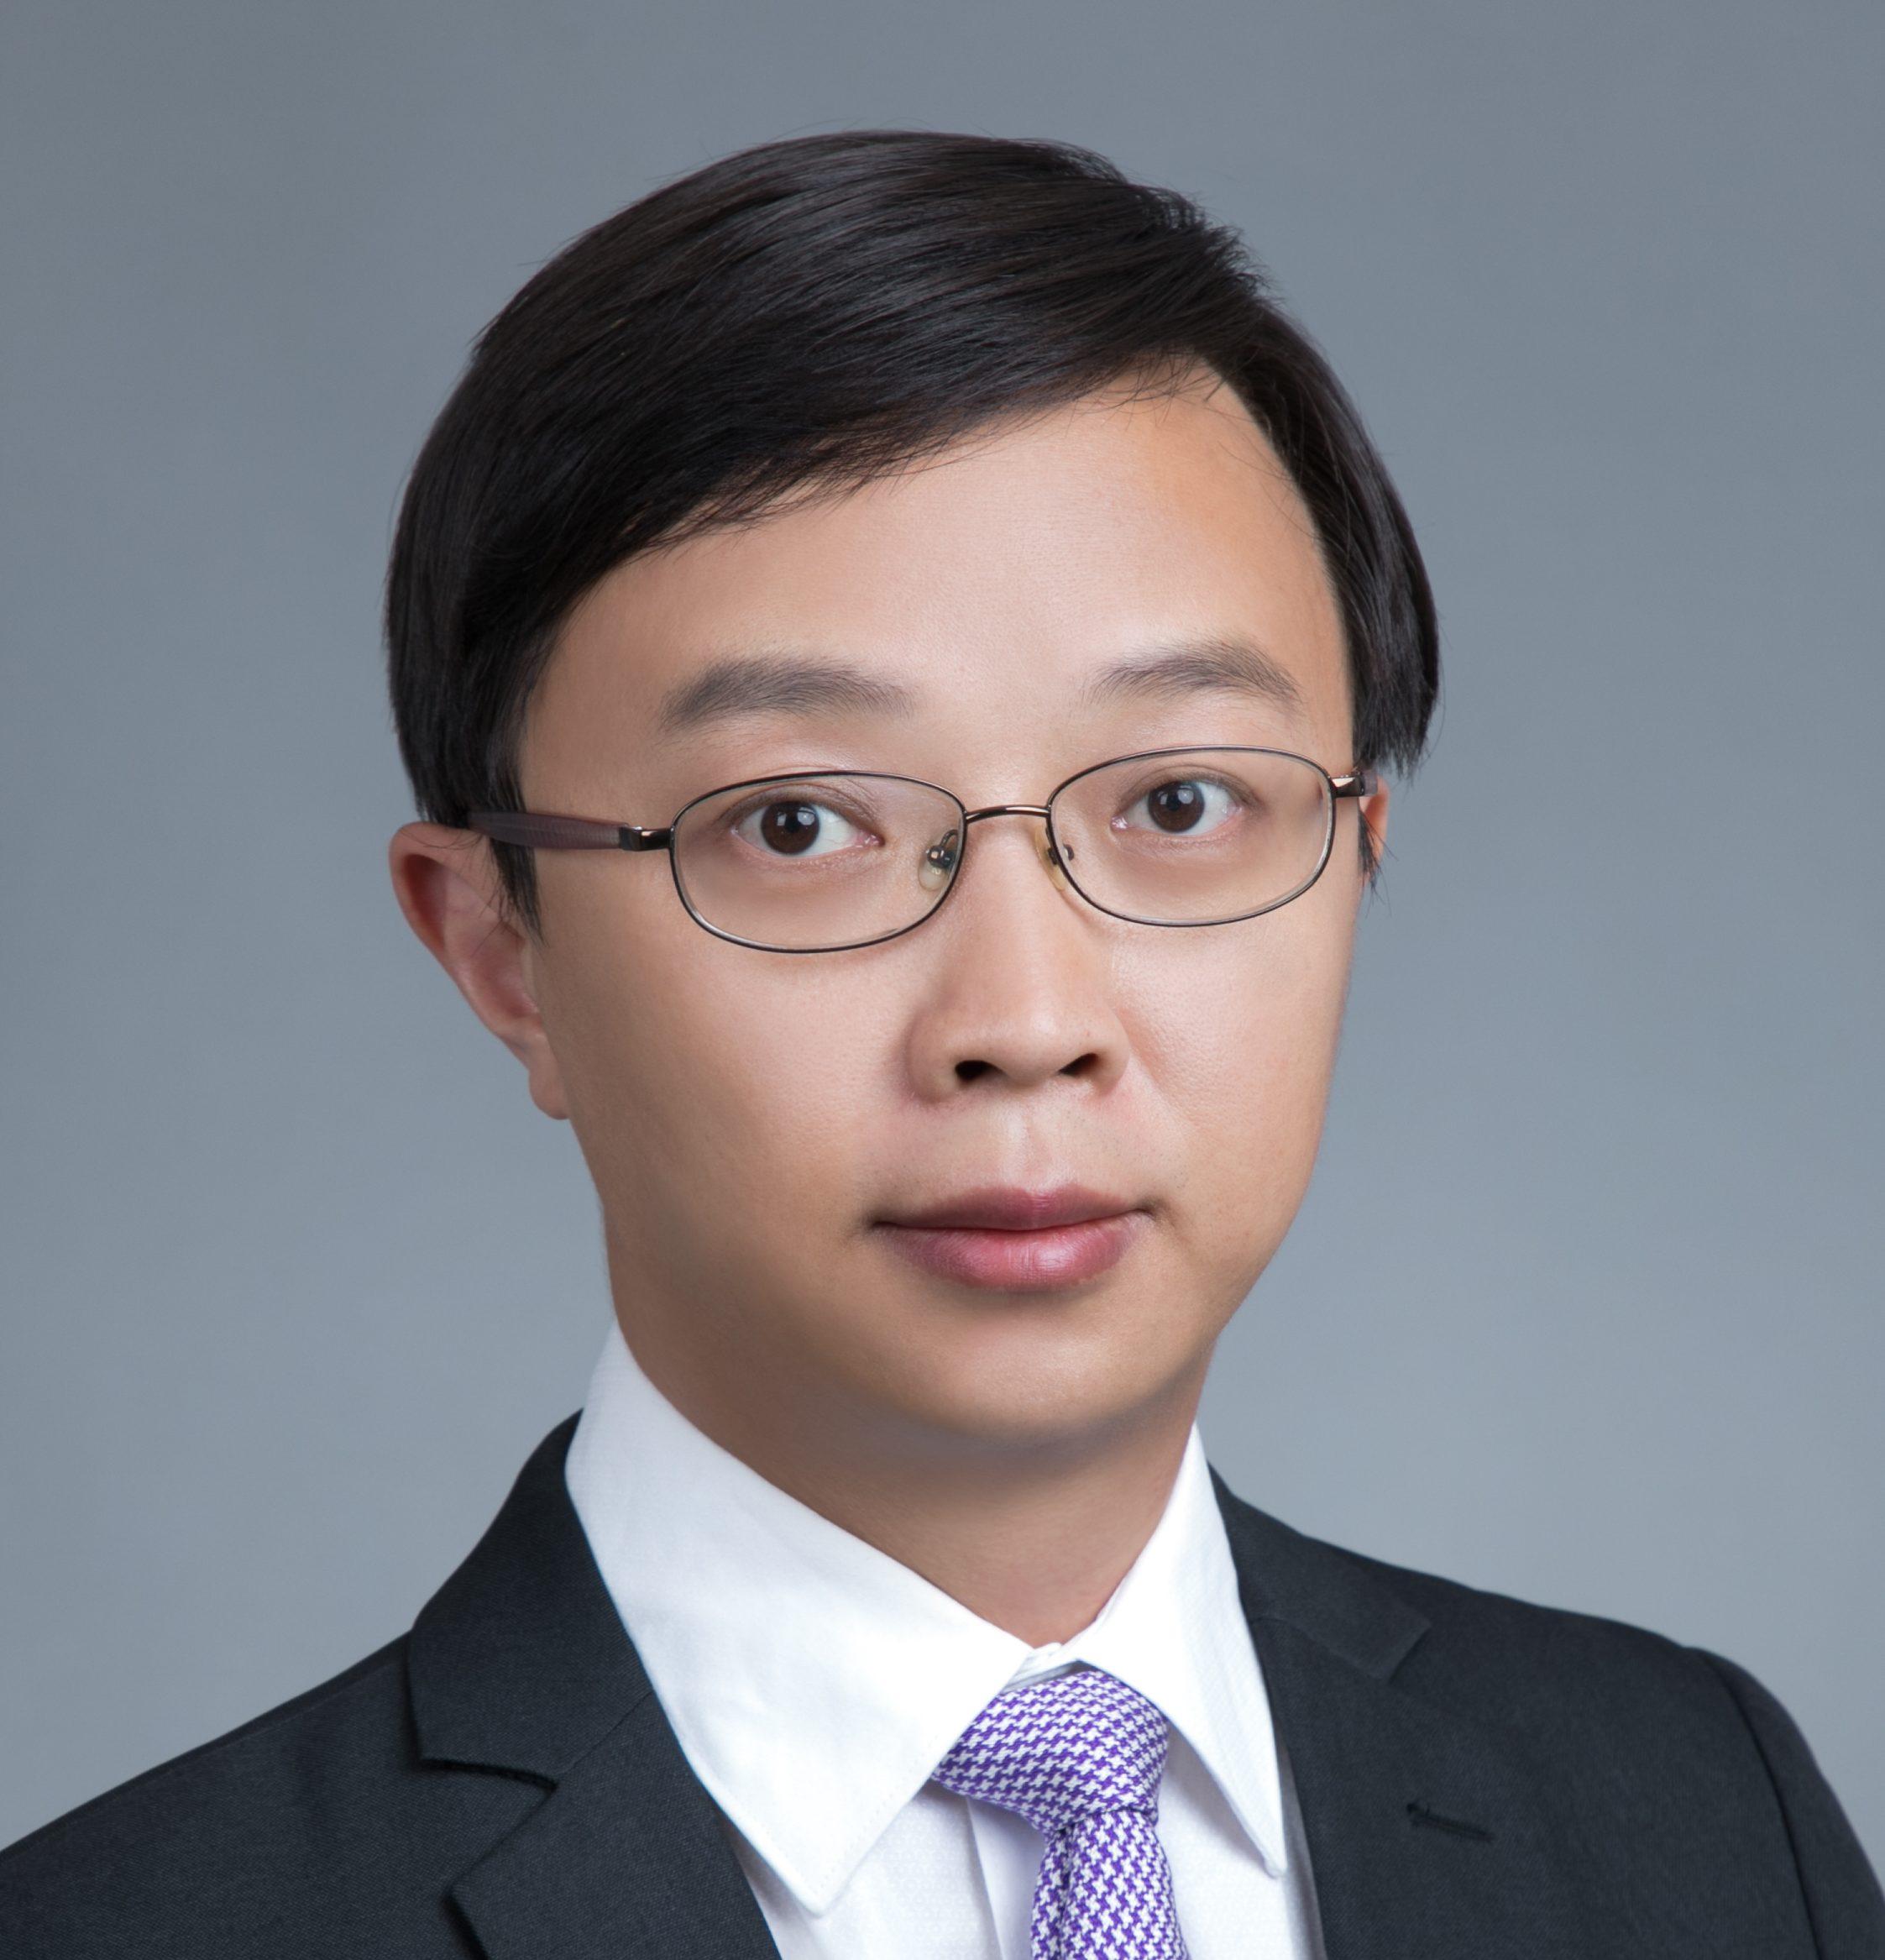 Hong-Ning Dai